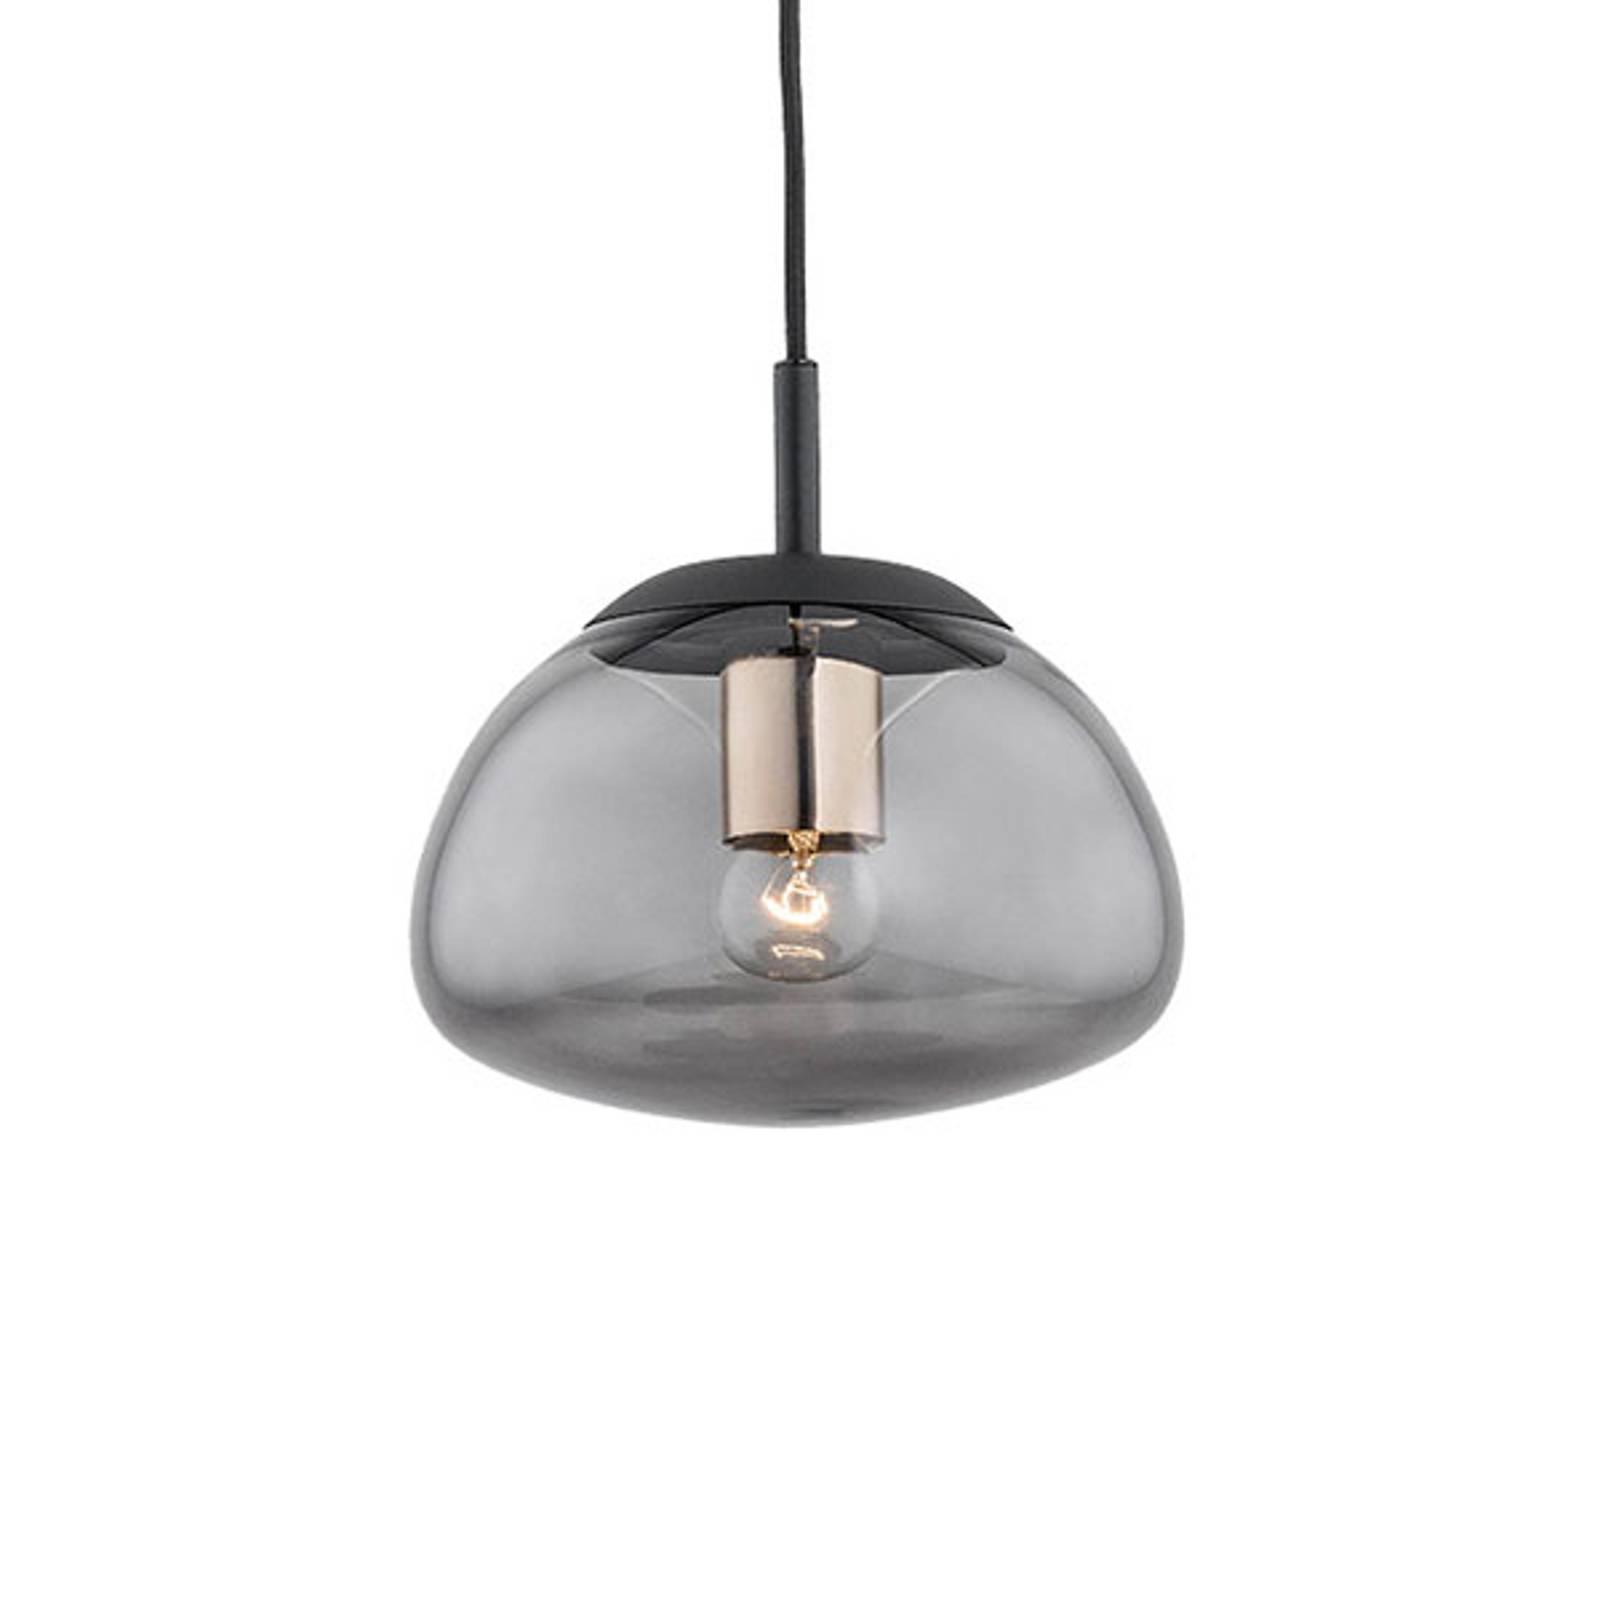 Suspension Turku 1 lampe fumée/noire Ø 20cm